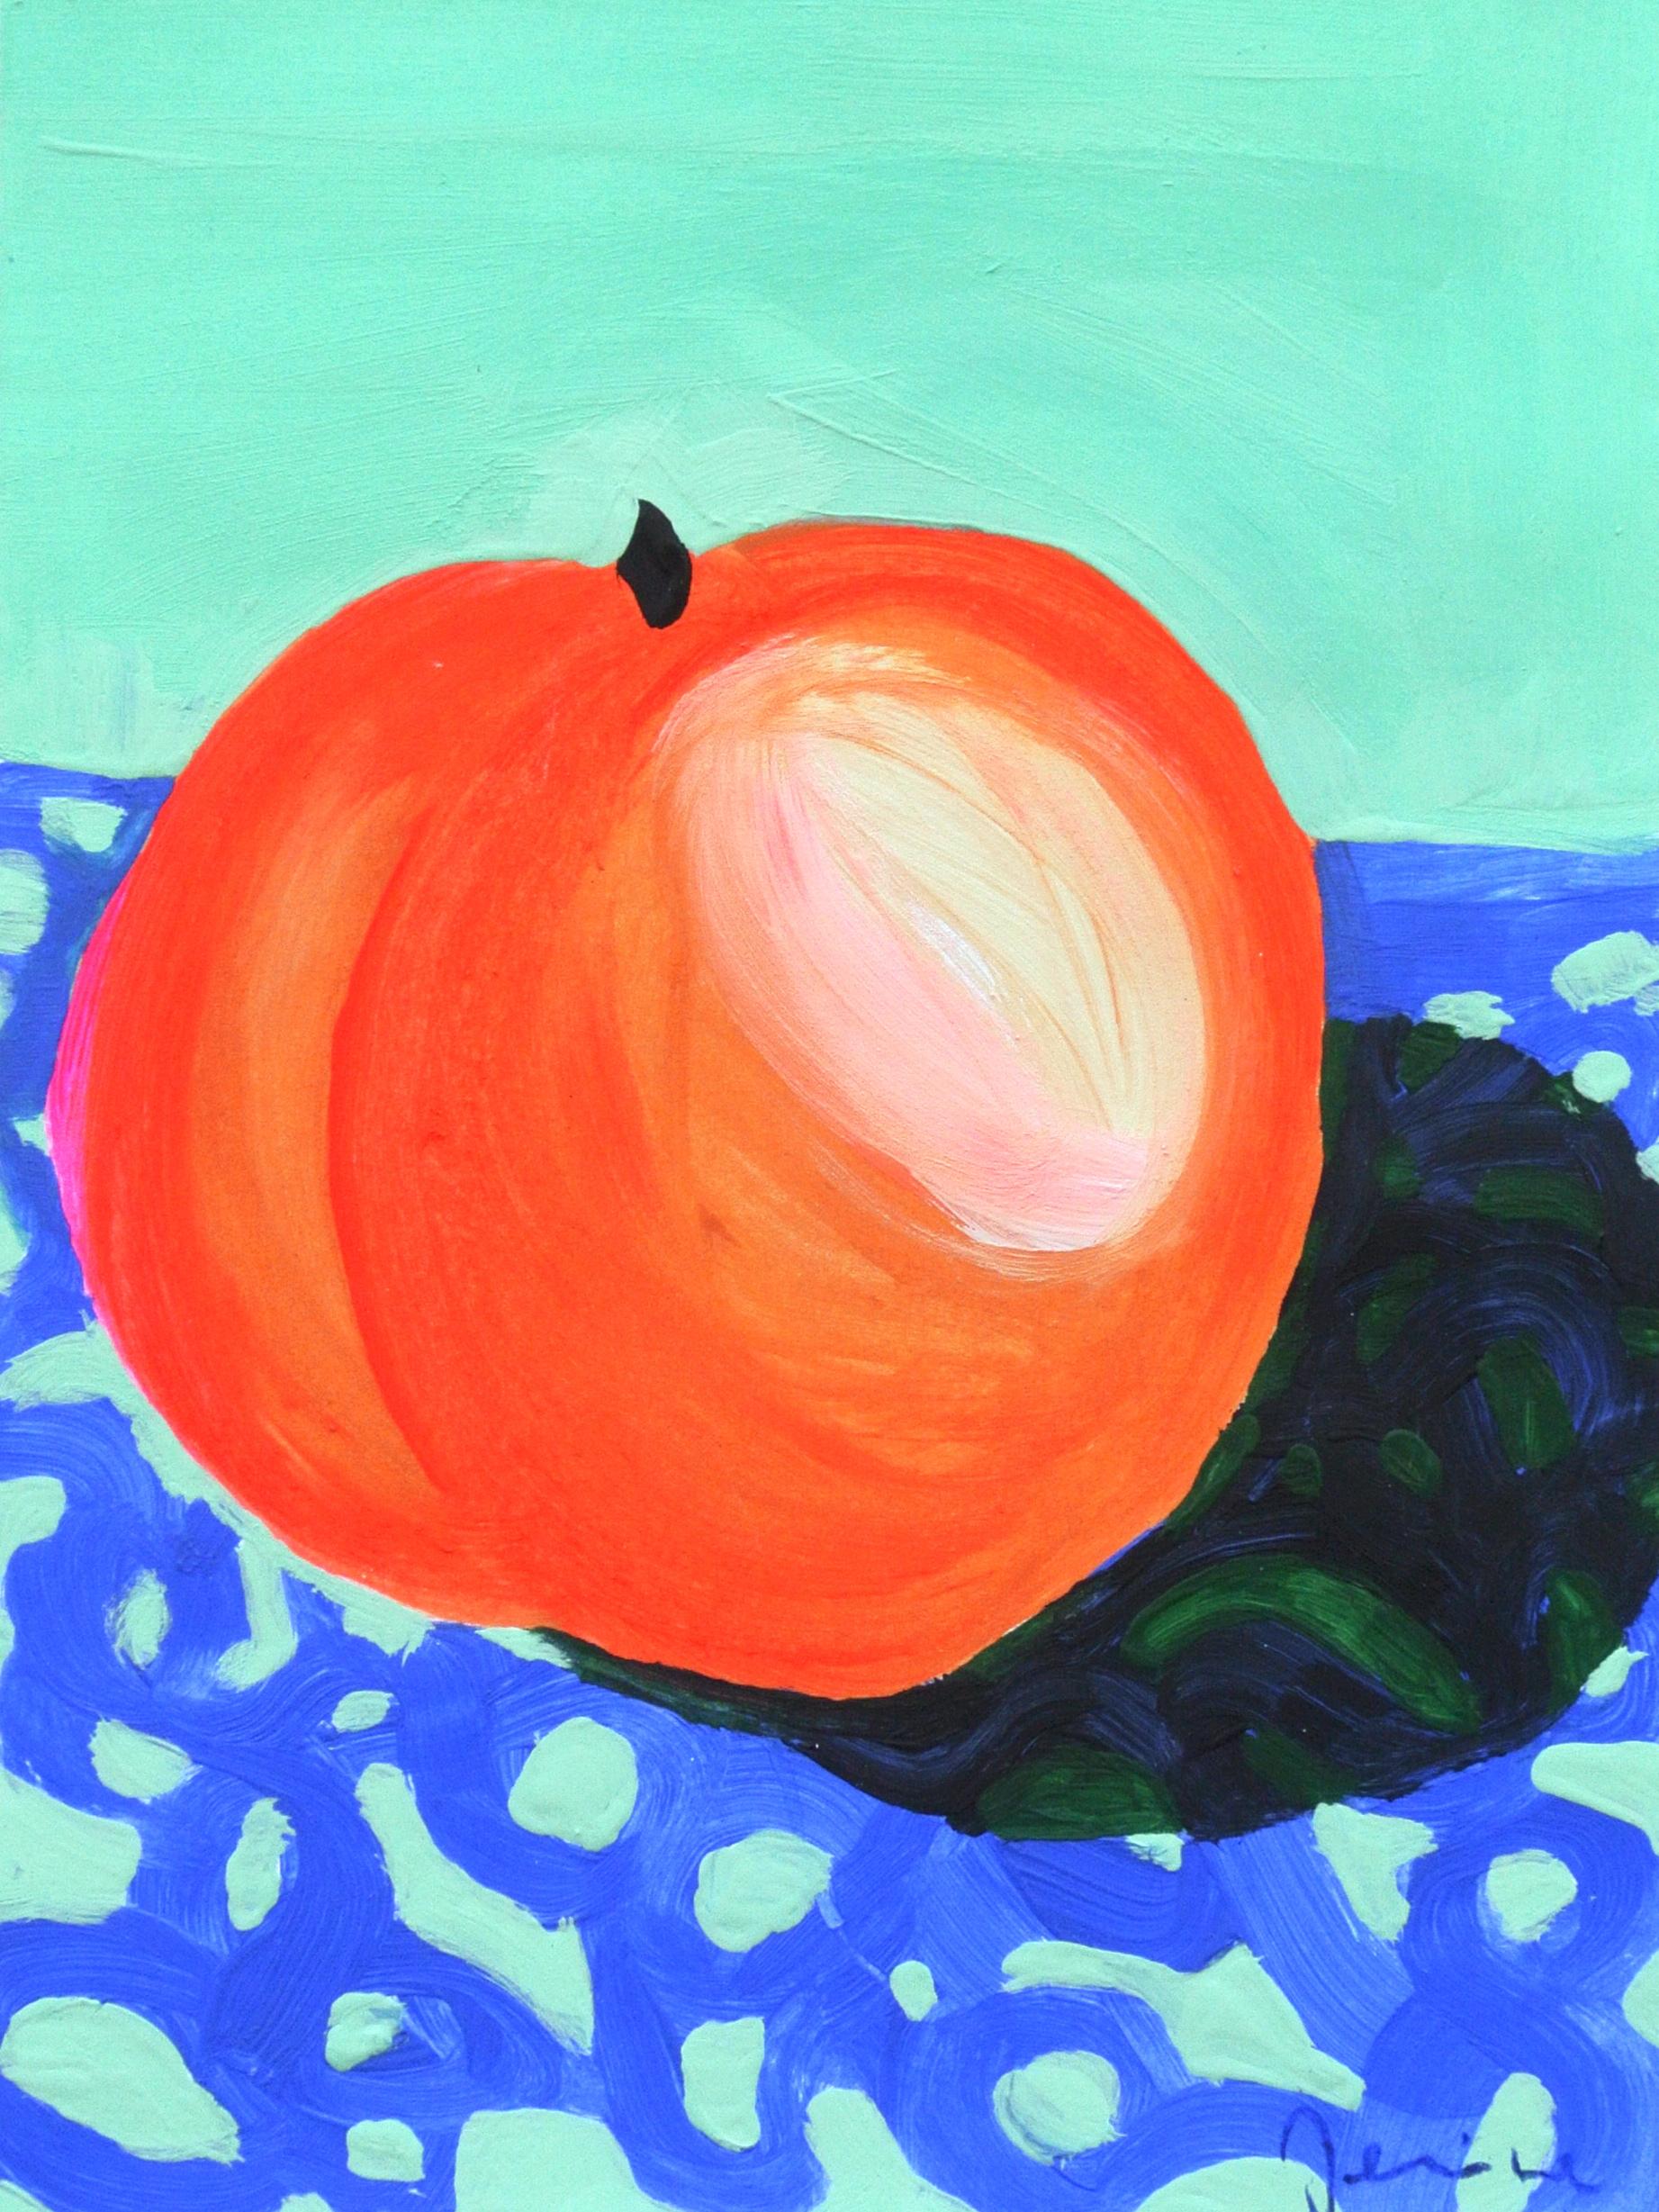 Peach 16 x 21 cm